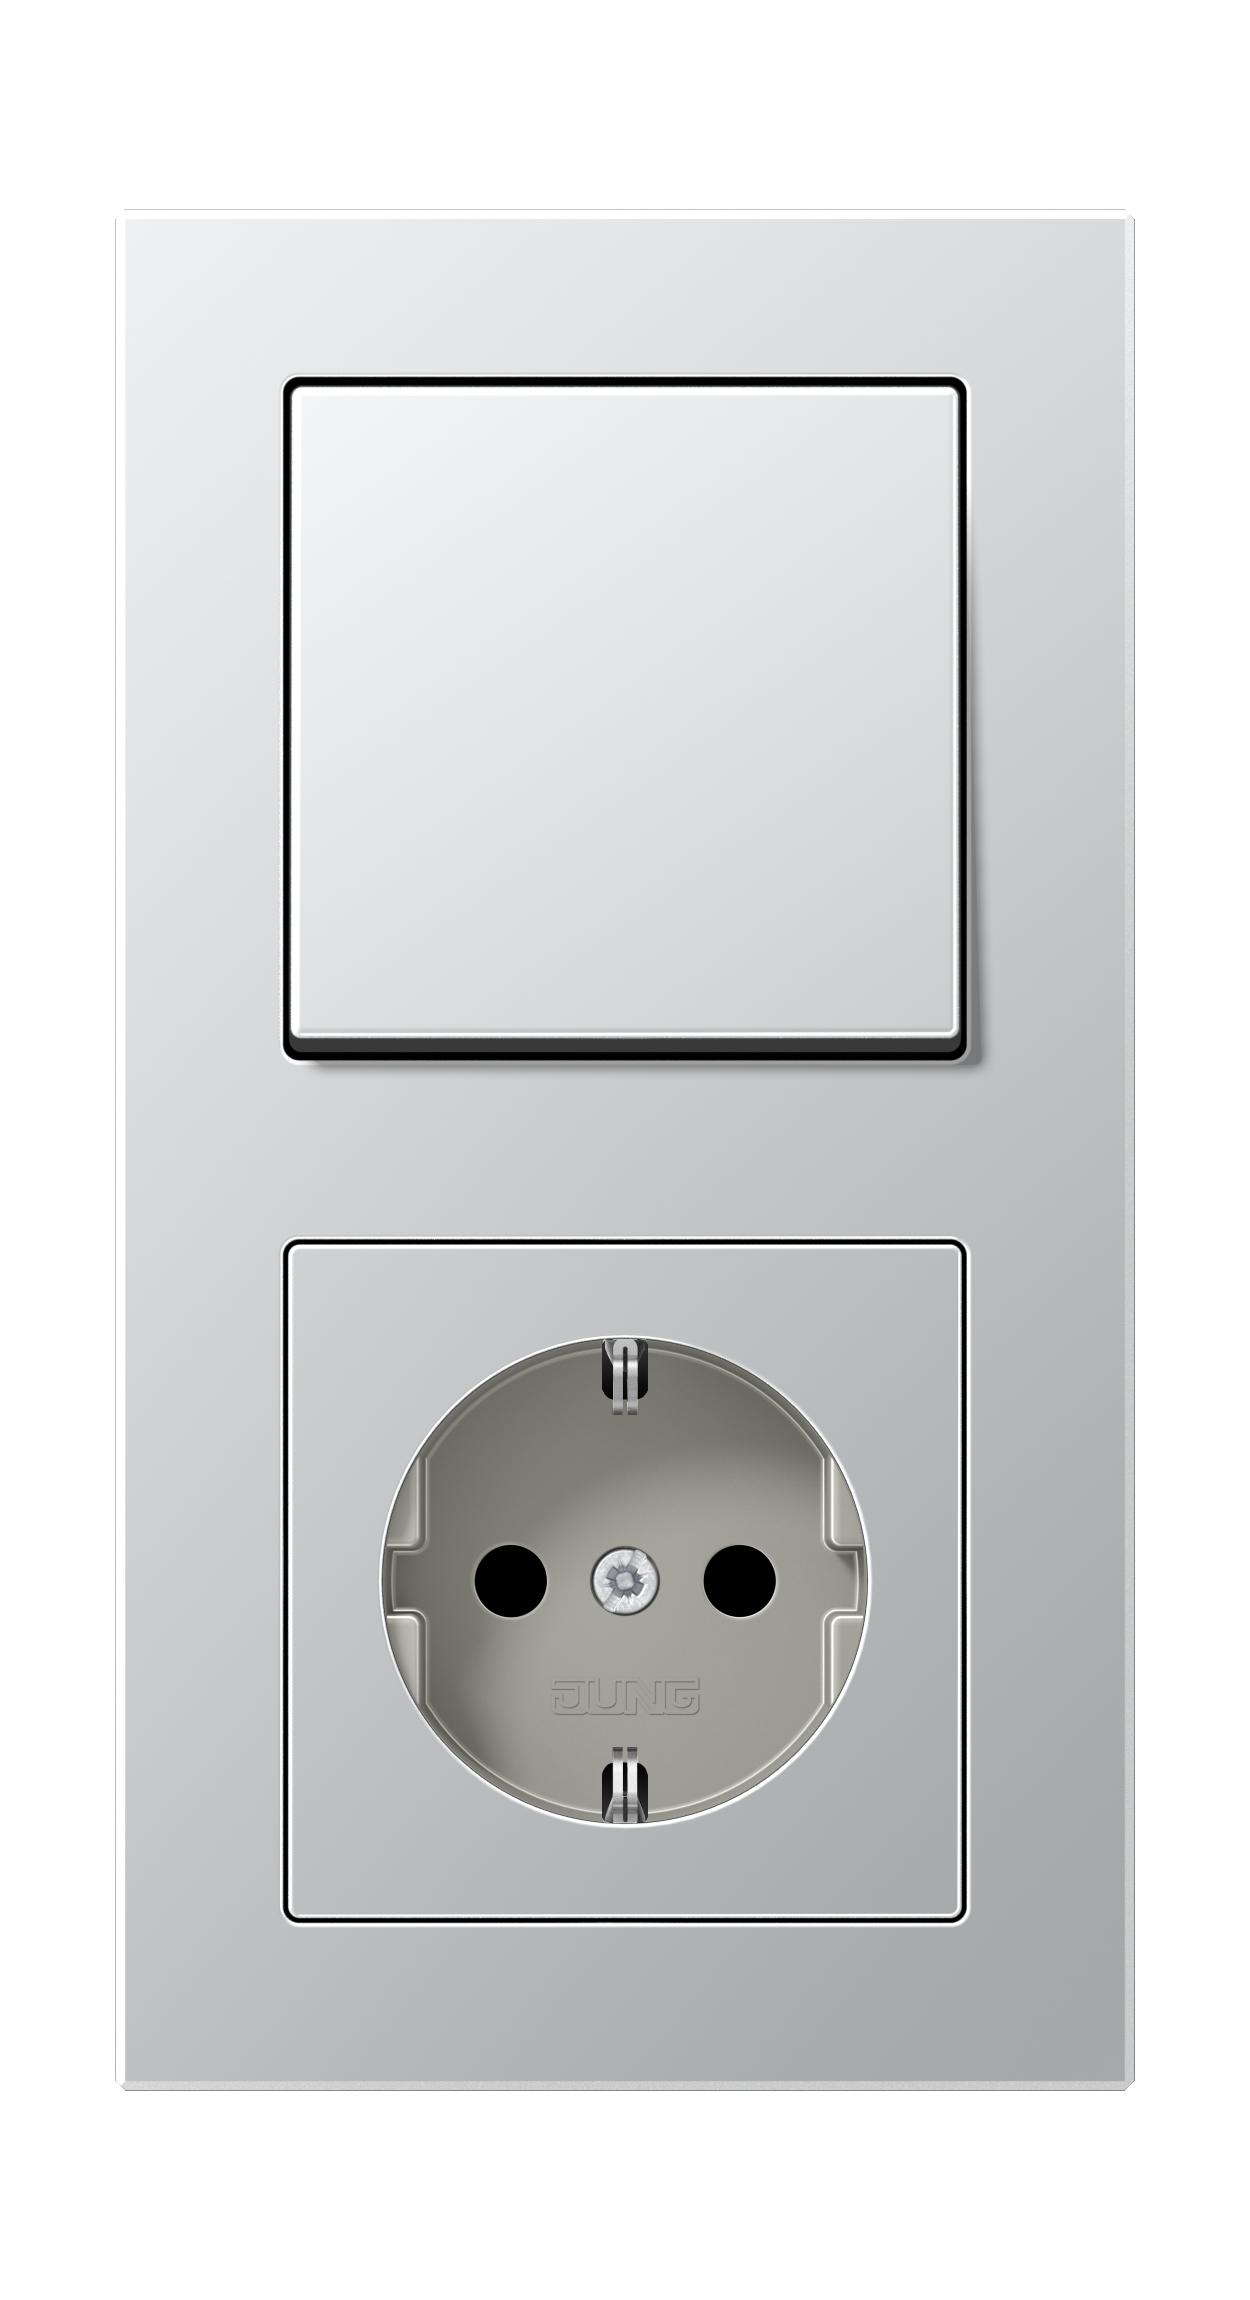 JUNG_AC_aluminium_switch-socket